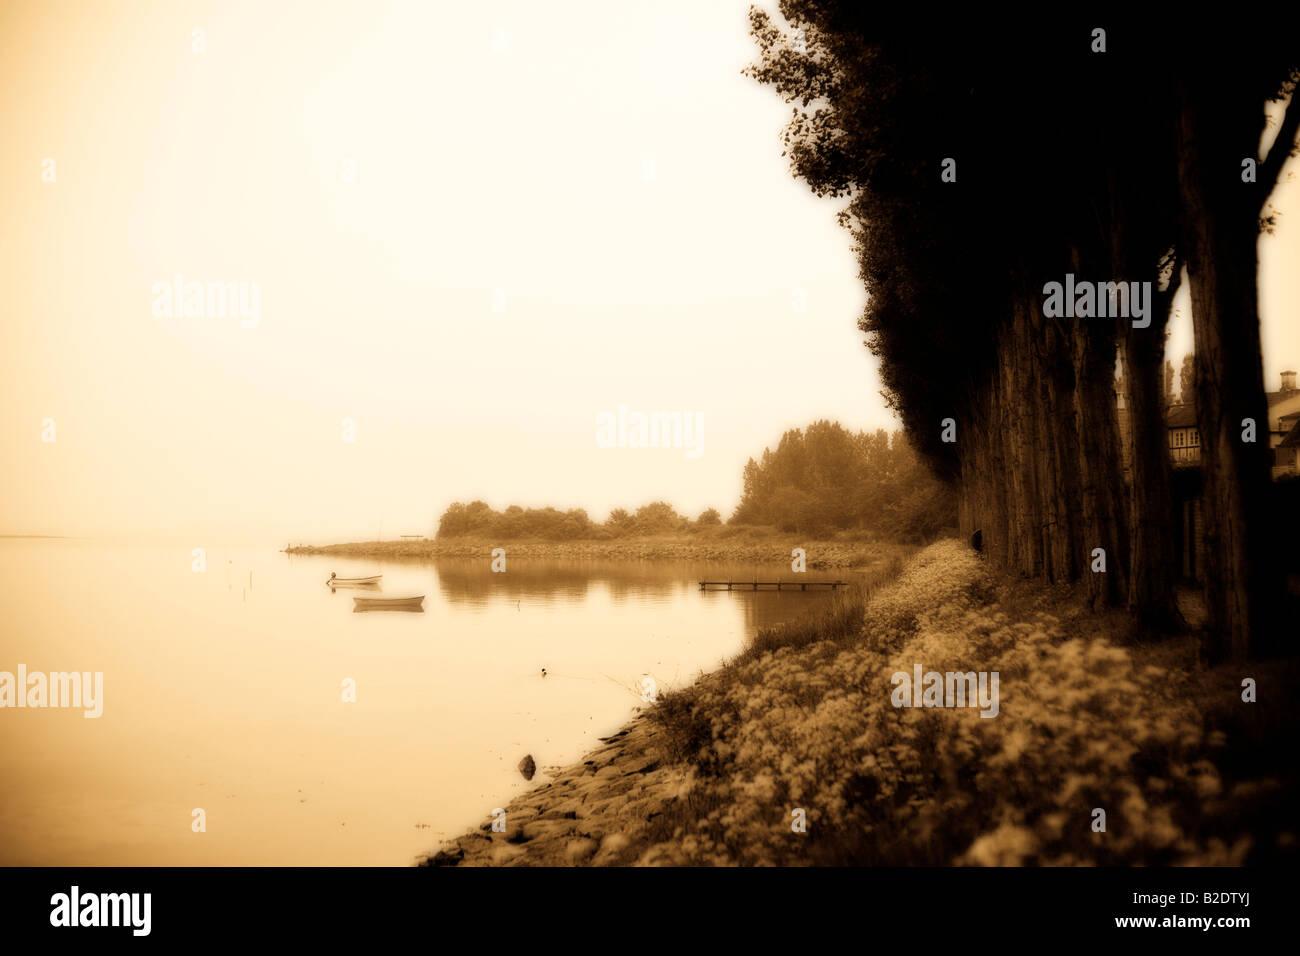 AEro-Ufer: Eine Ente schwimmt durch auf die friedliche Pappeln gesäumten Ufer des AEro. Ein nebliger Punkt Stockbild